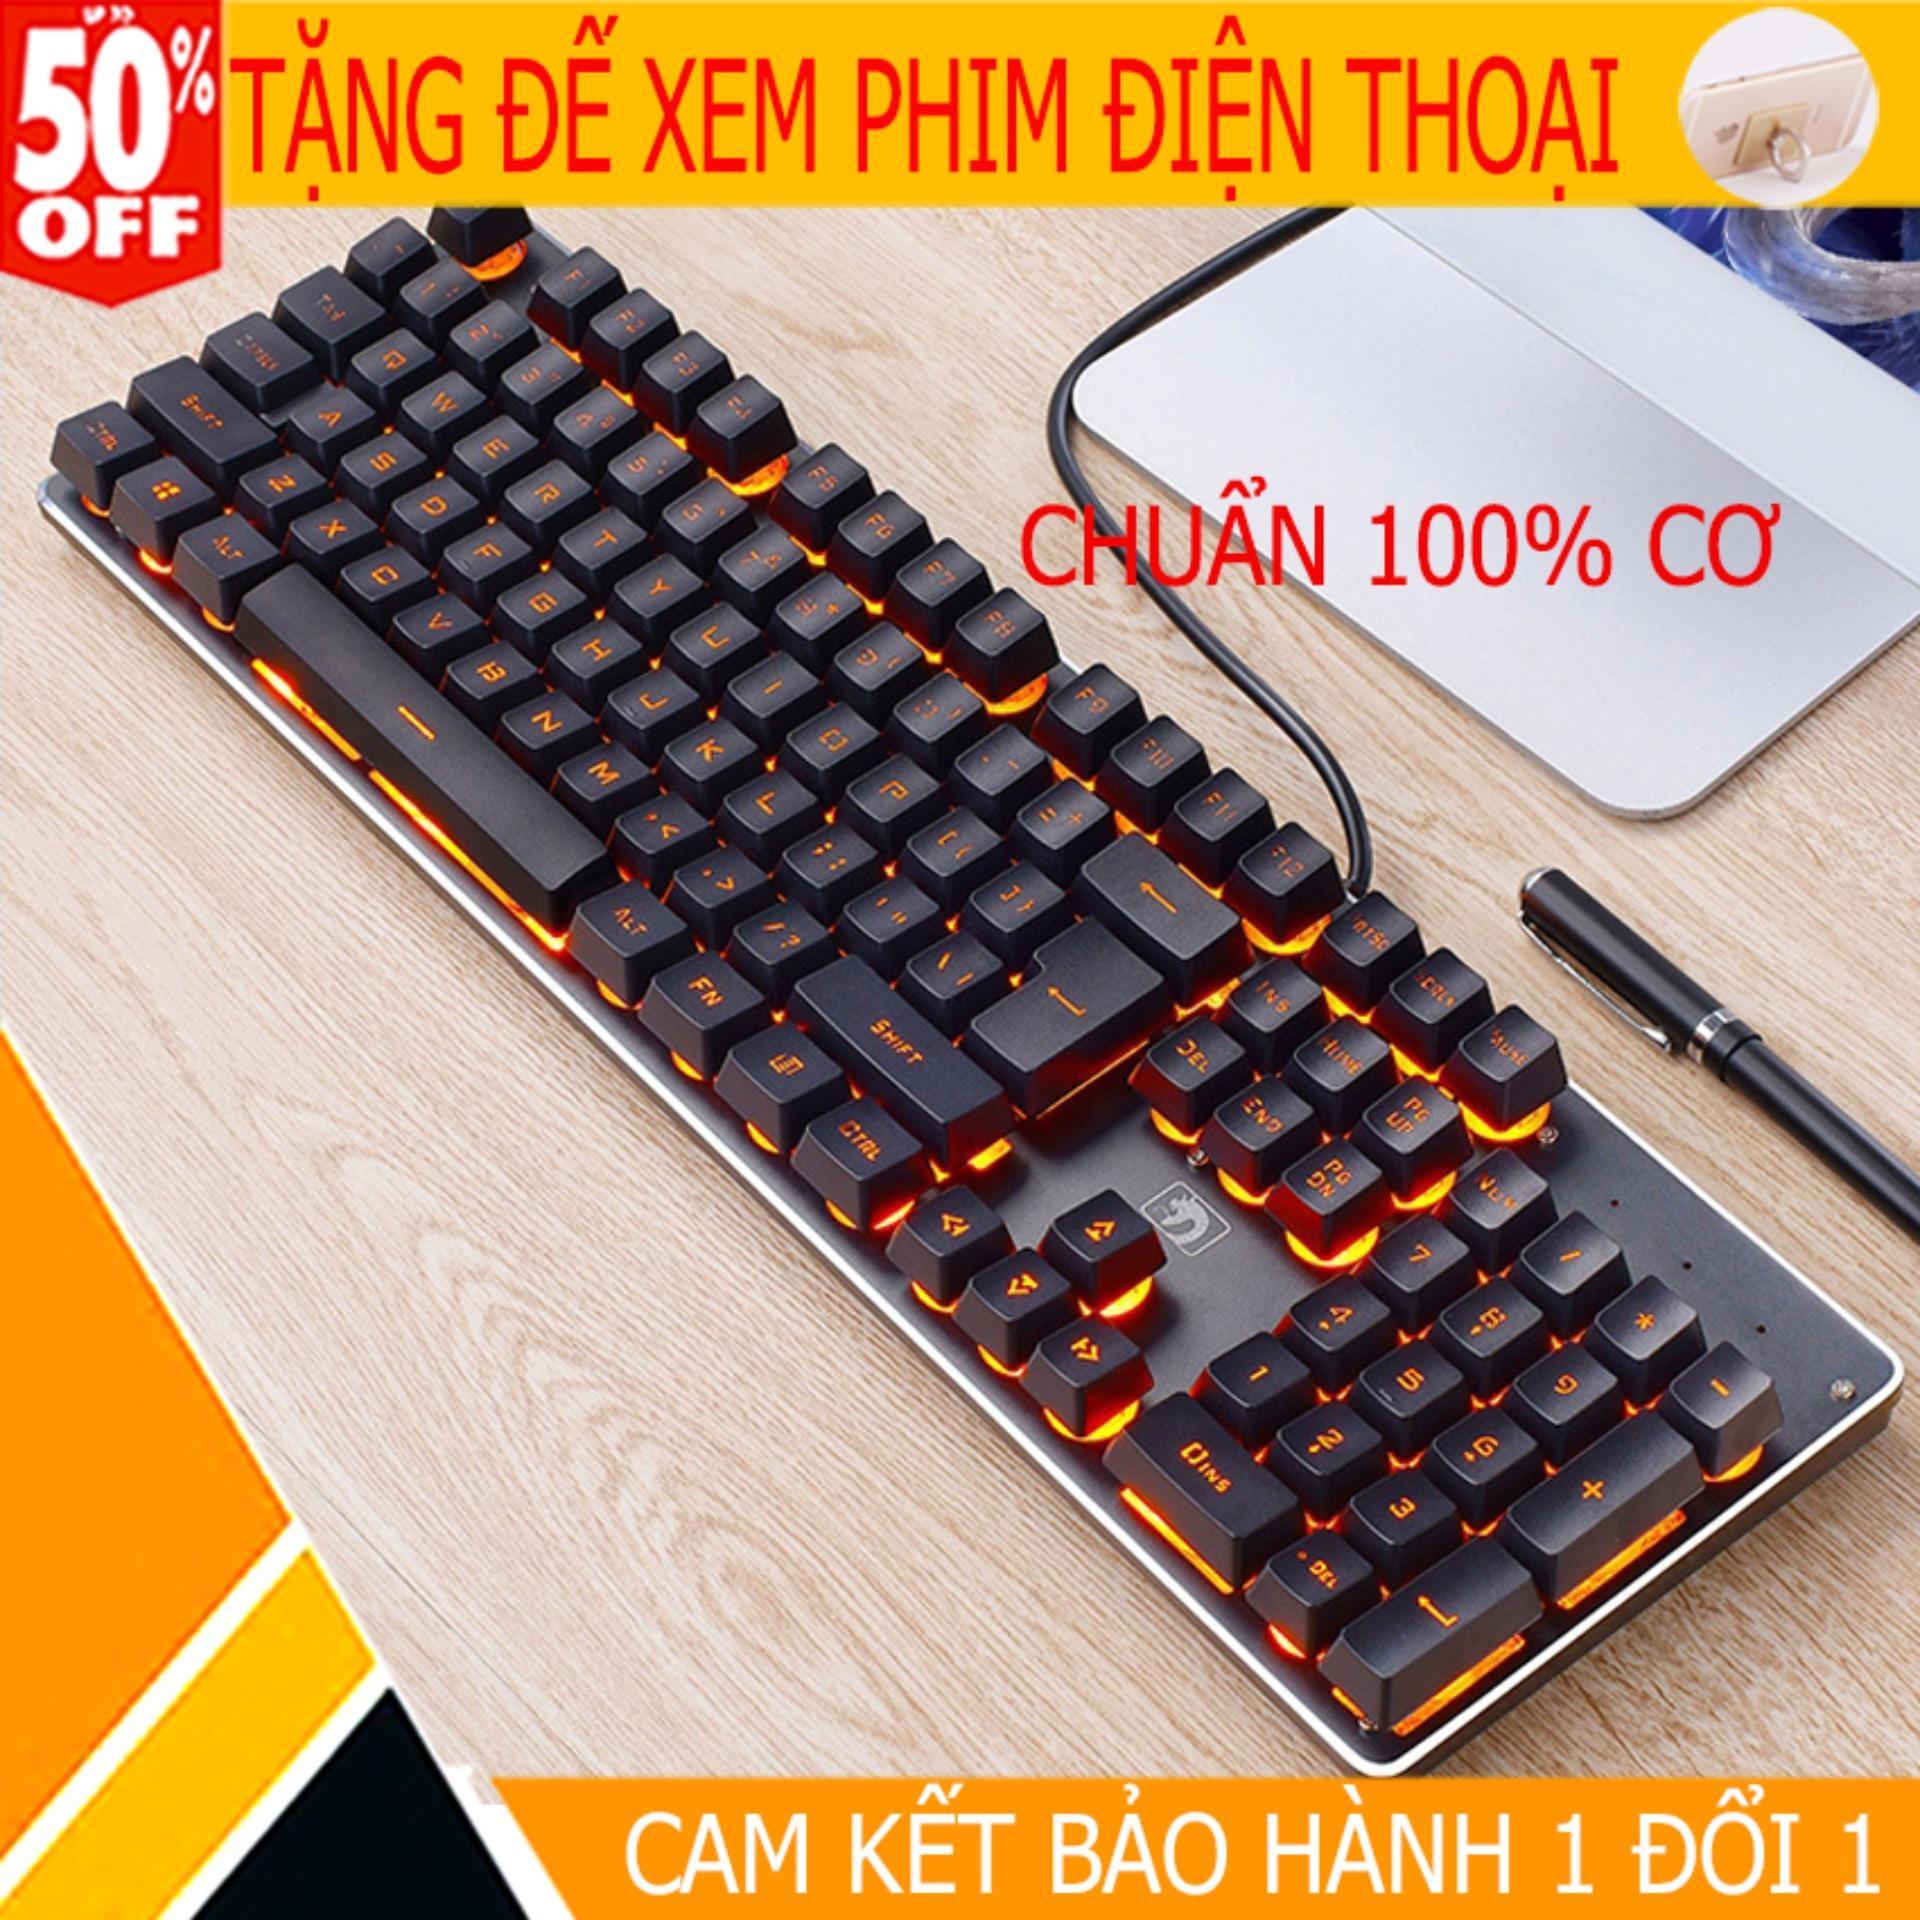 [CÓ VIDEO TEST] Bàn phím cơ Gaming K100 LED RGB kết nối USB 2.0, nhấn 26 phím đồng thời, phím cơ học Cherry MX, tùy chỉnh chiếu sáng theo phím